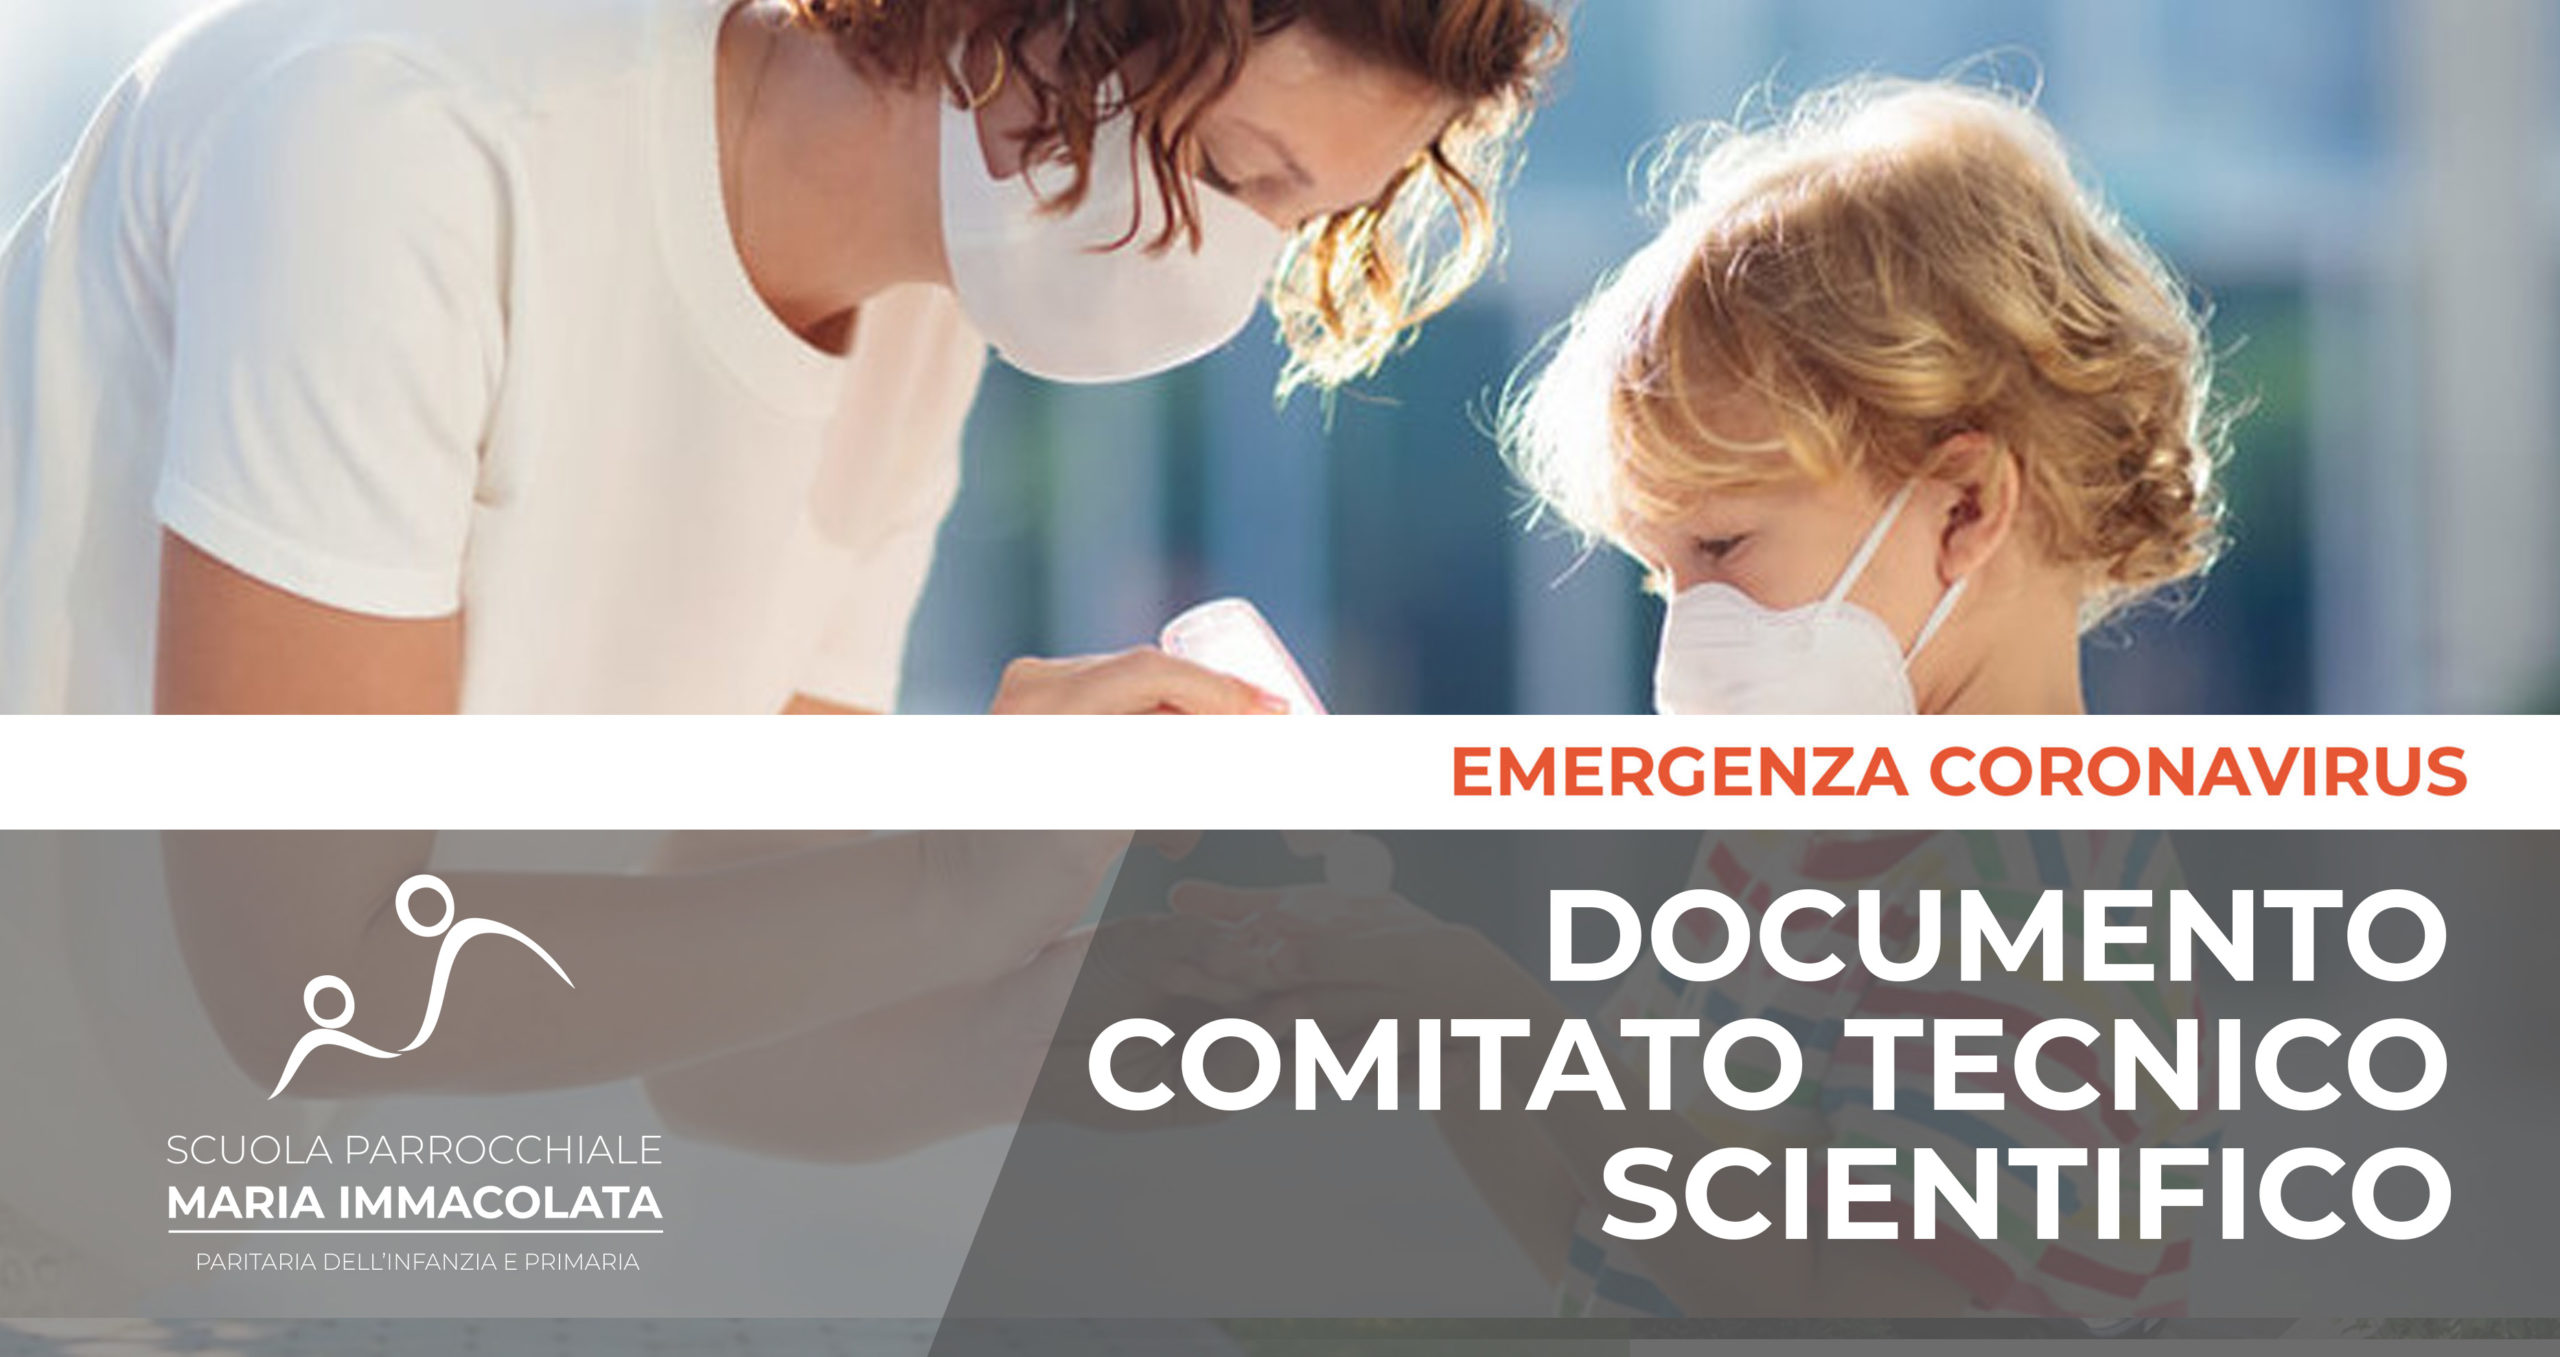 Documento conclusivo del comitato tecnico-scientifico verso l'A.S. 2020-2021